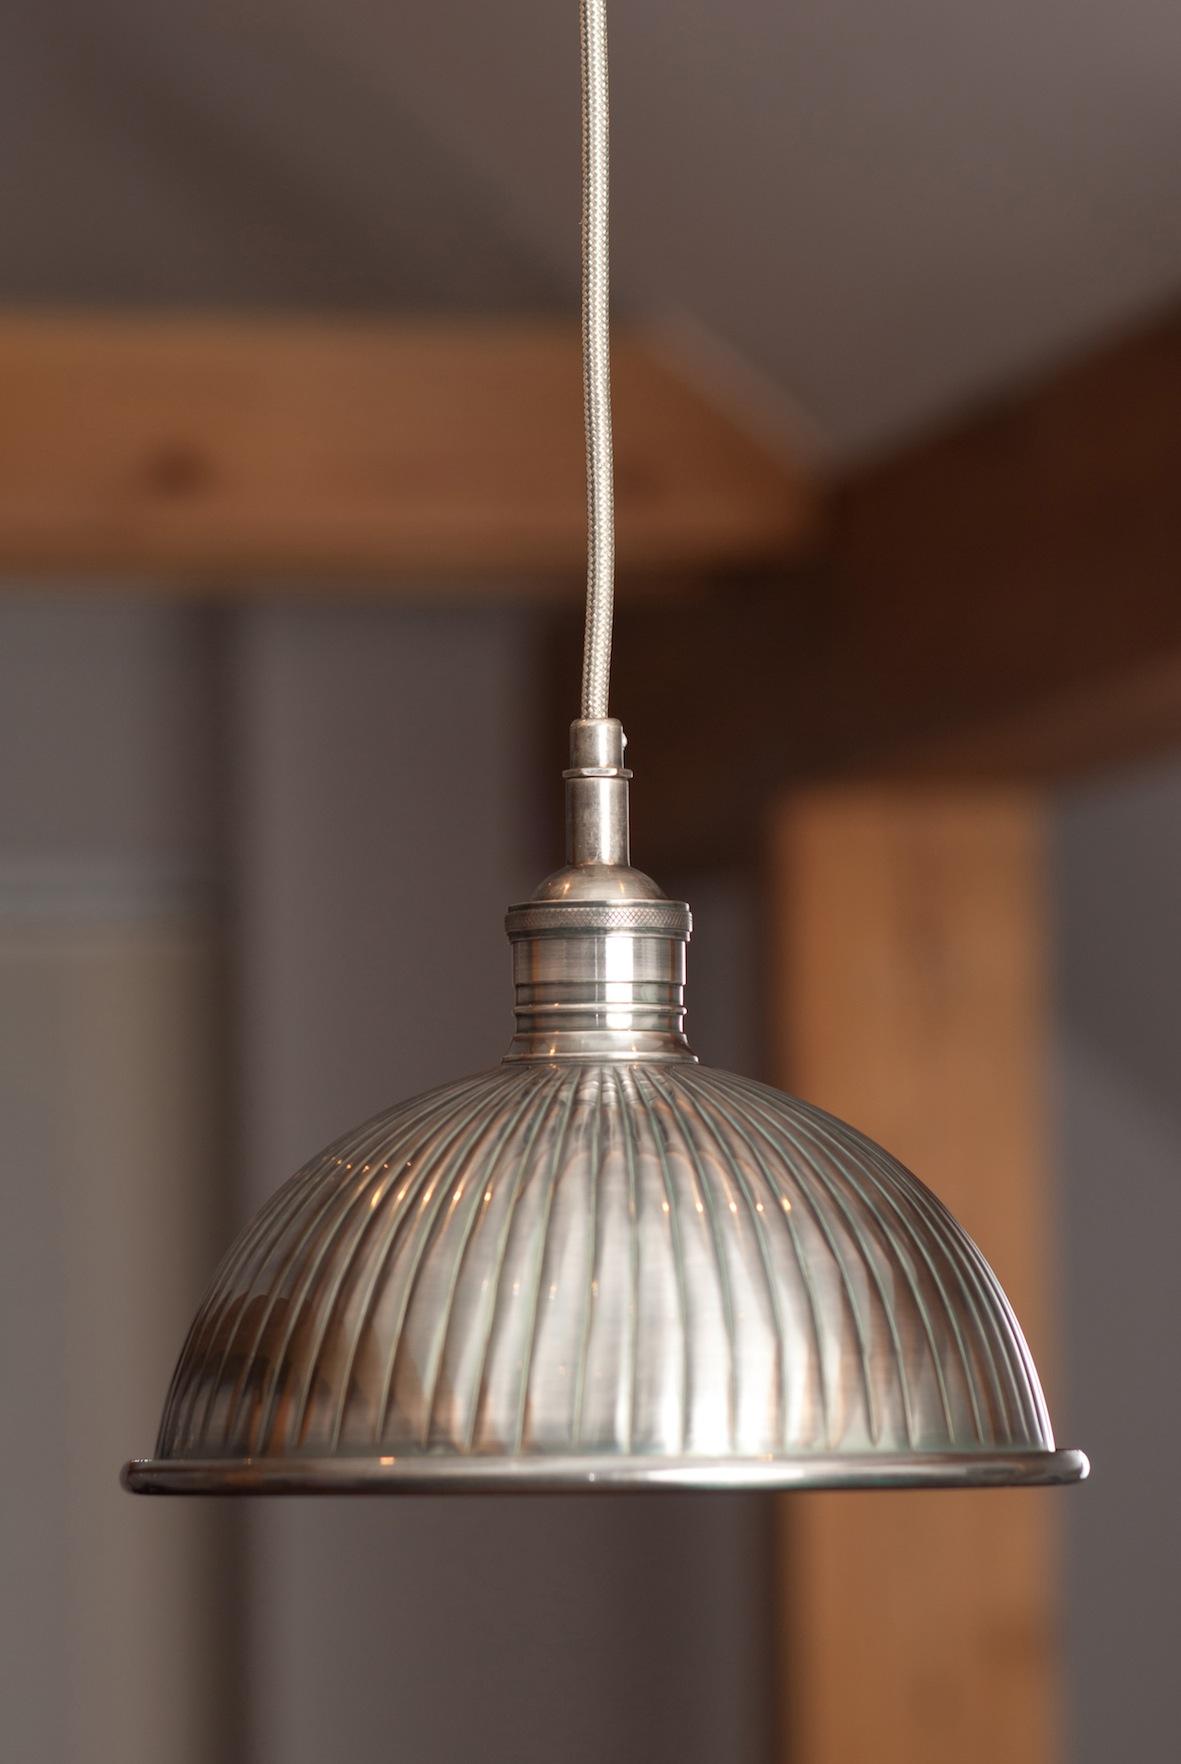 Kitchen wall light photo - 3